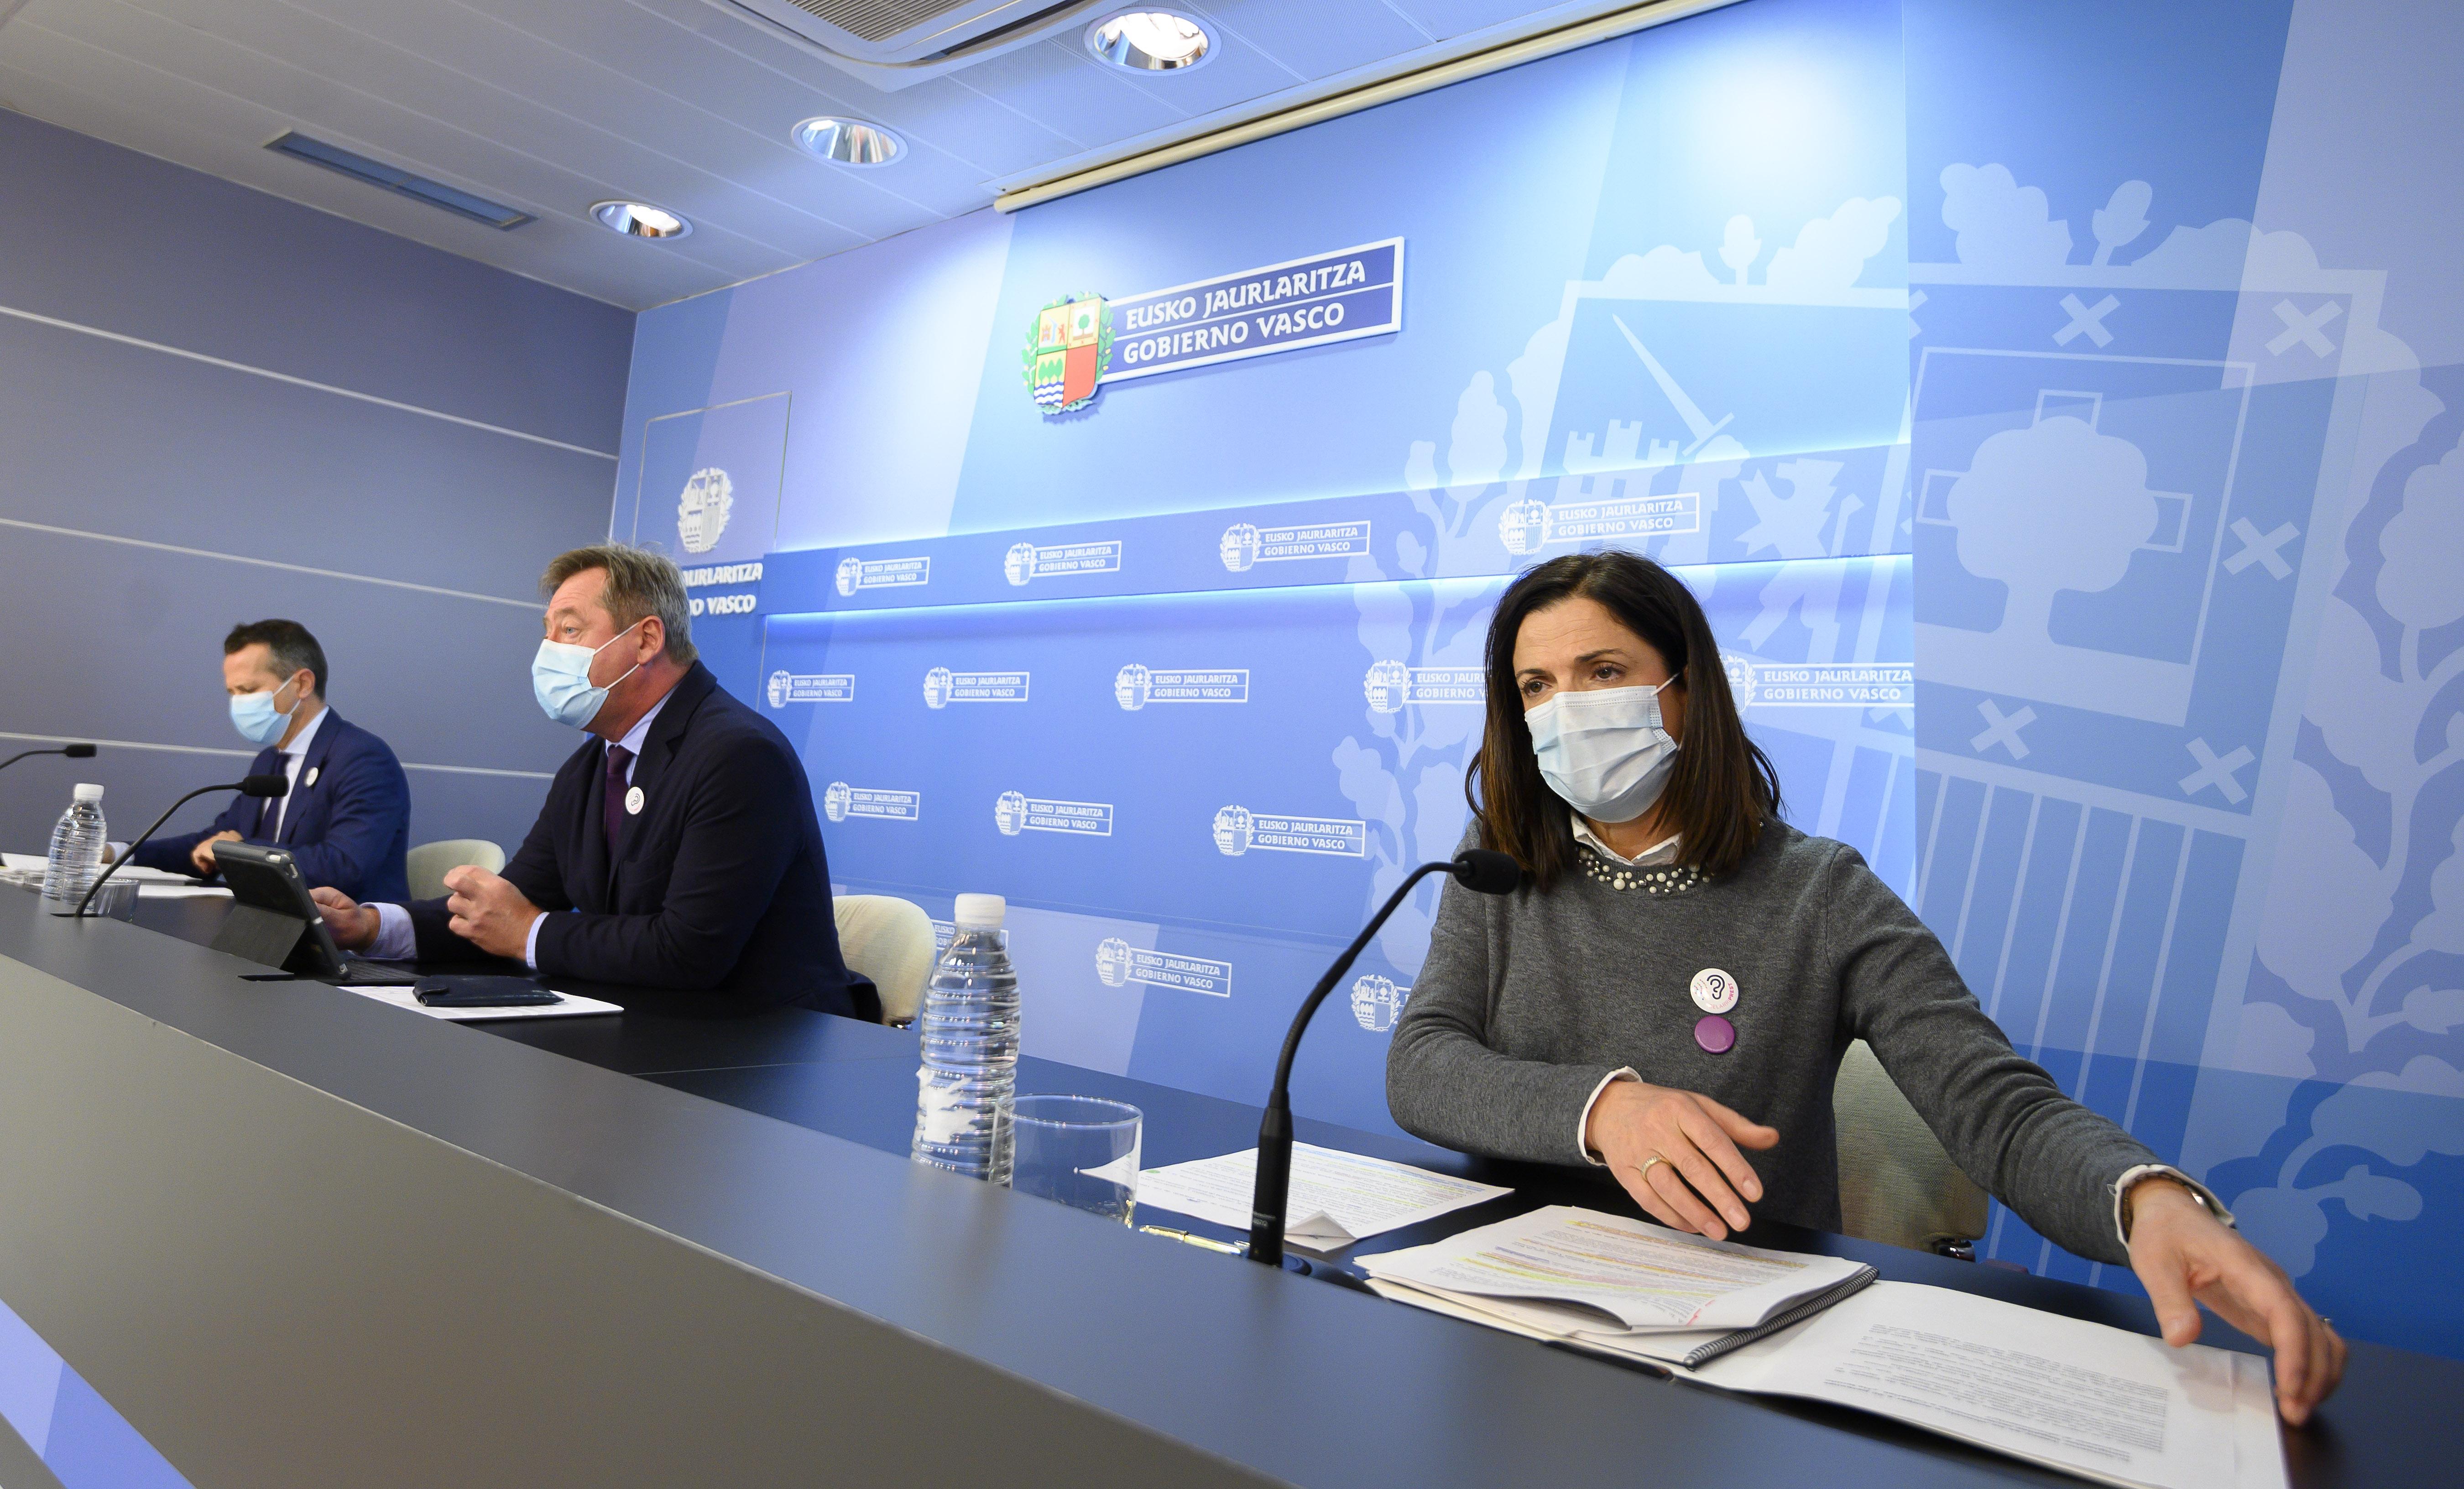 El Gobierno Vasco reitera el compromiso de seguir trabajando para avanzar en una sociedad libre de violencia contra las mujeres y ofrecer una atención debida a las mujeres víctimas de violencia [70:00]